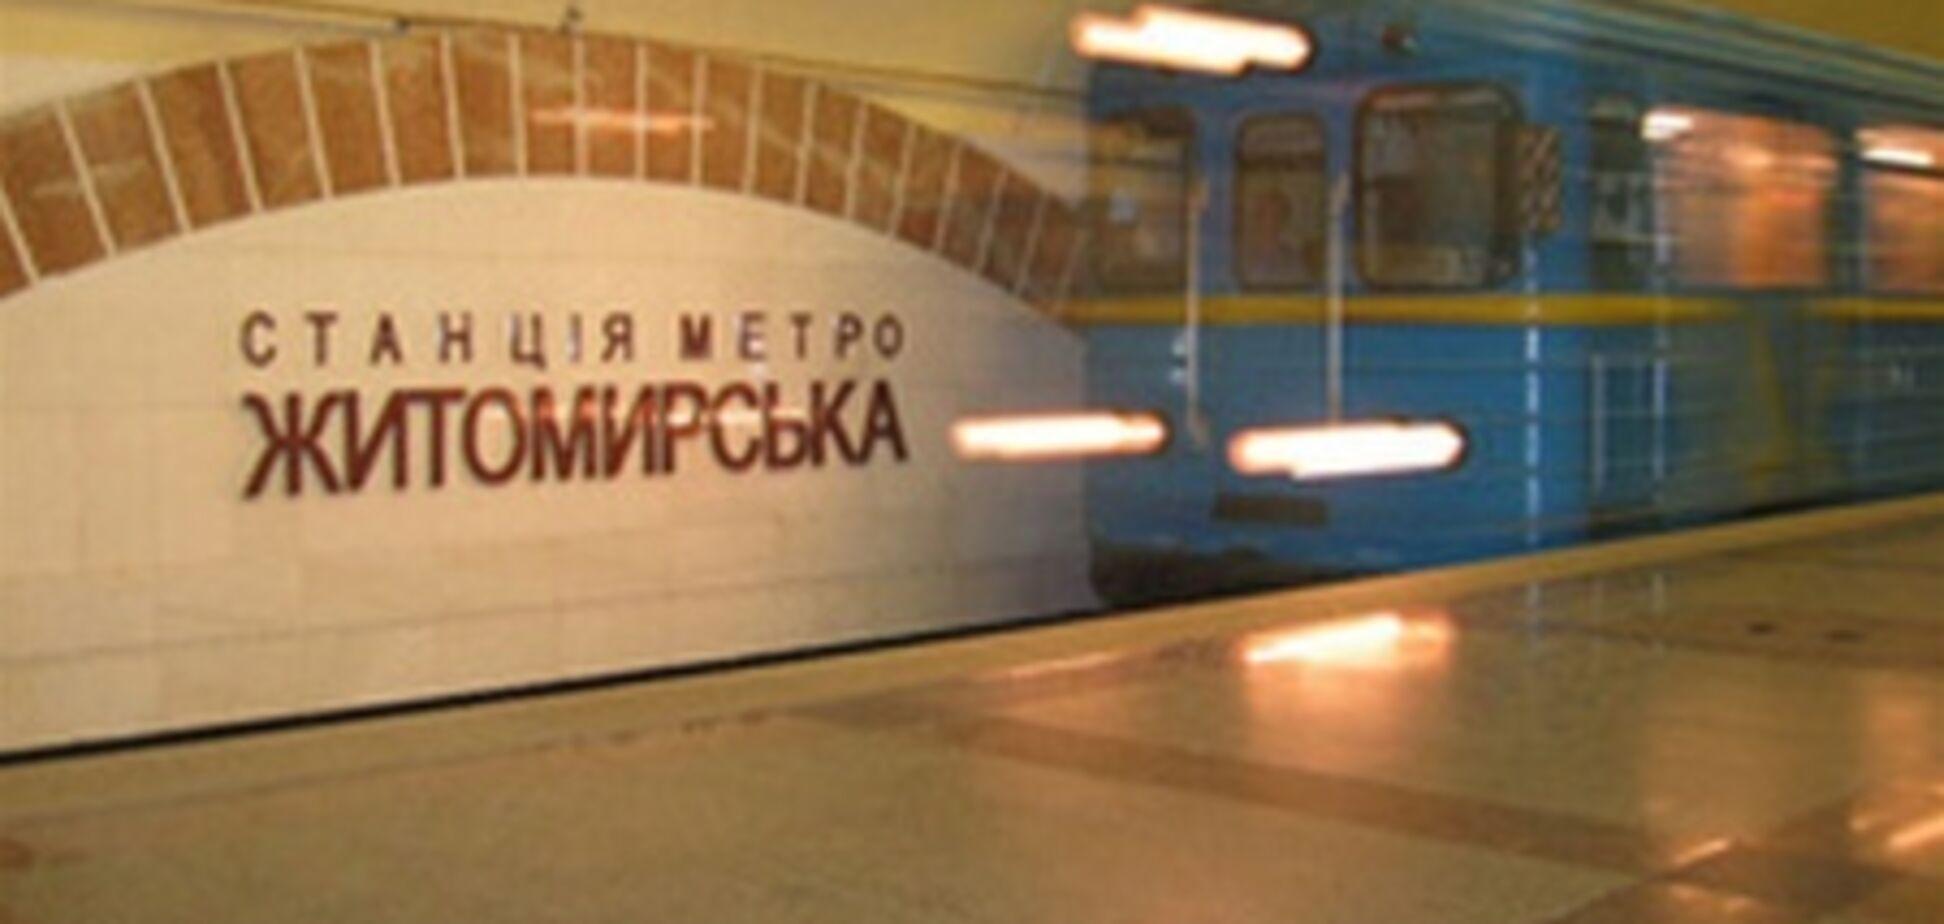 ЧП в киевском метро: пассажир упал на рельсы, 8 июля 2011